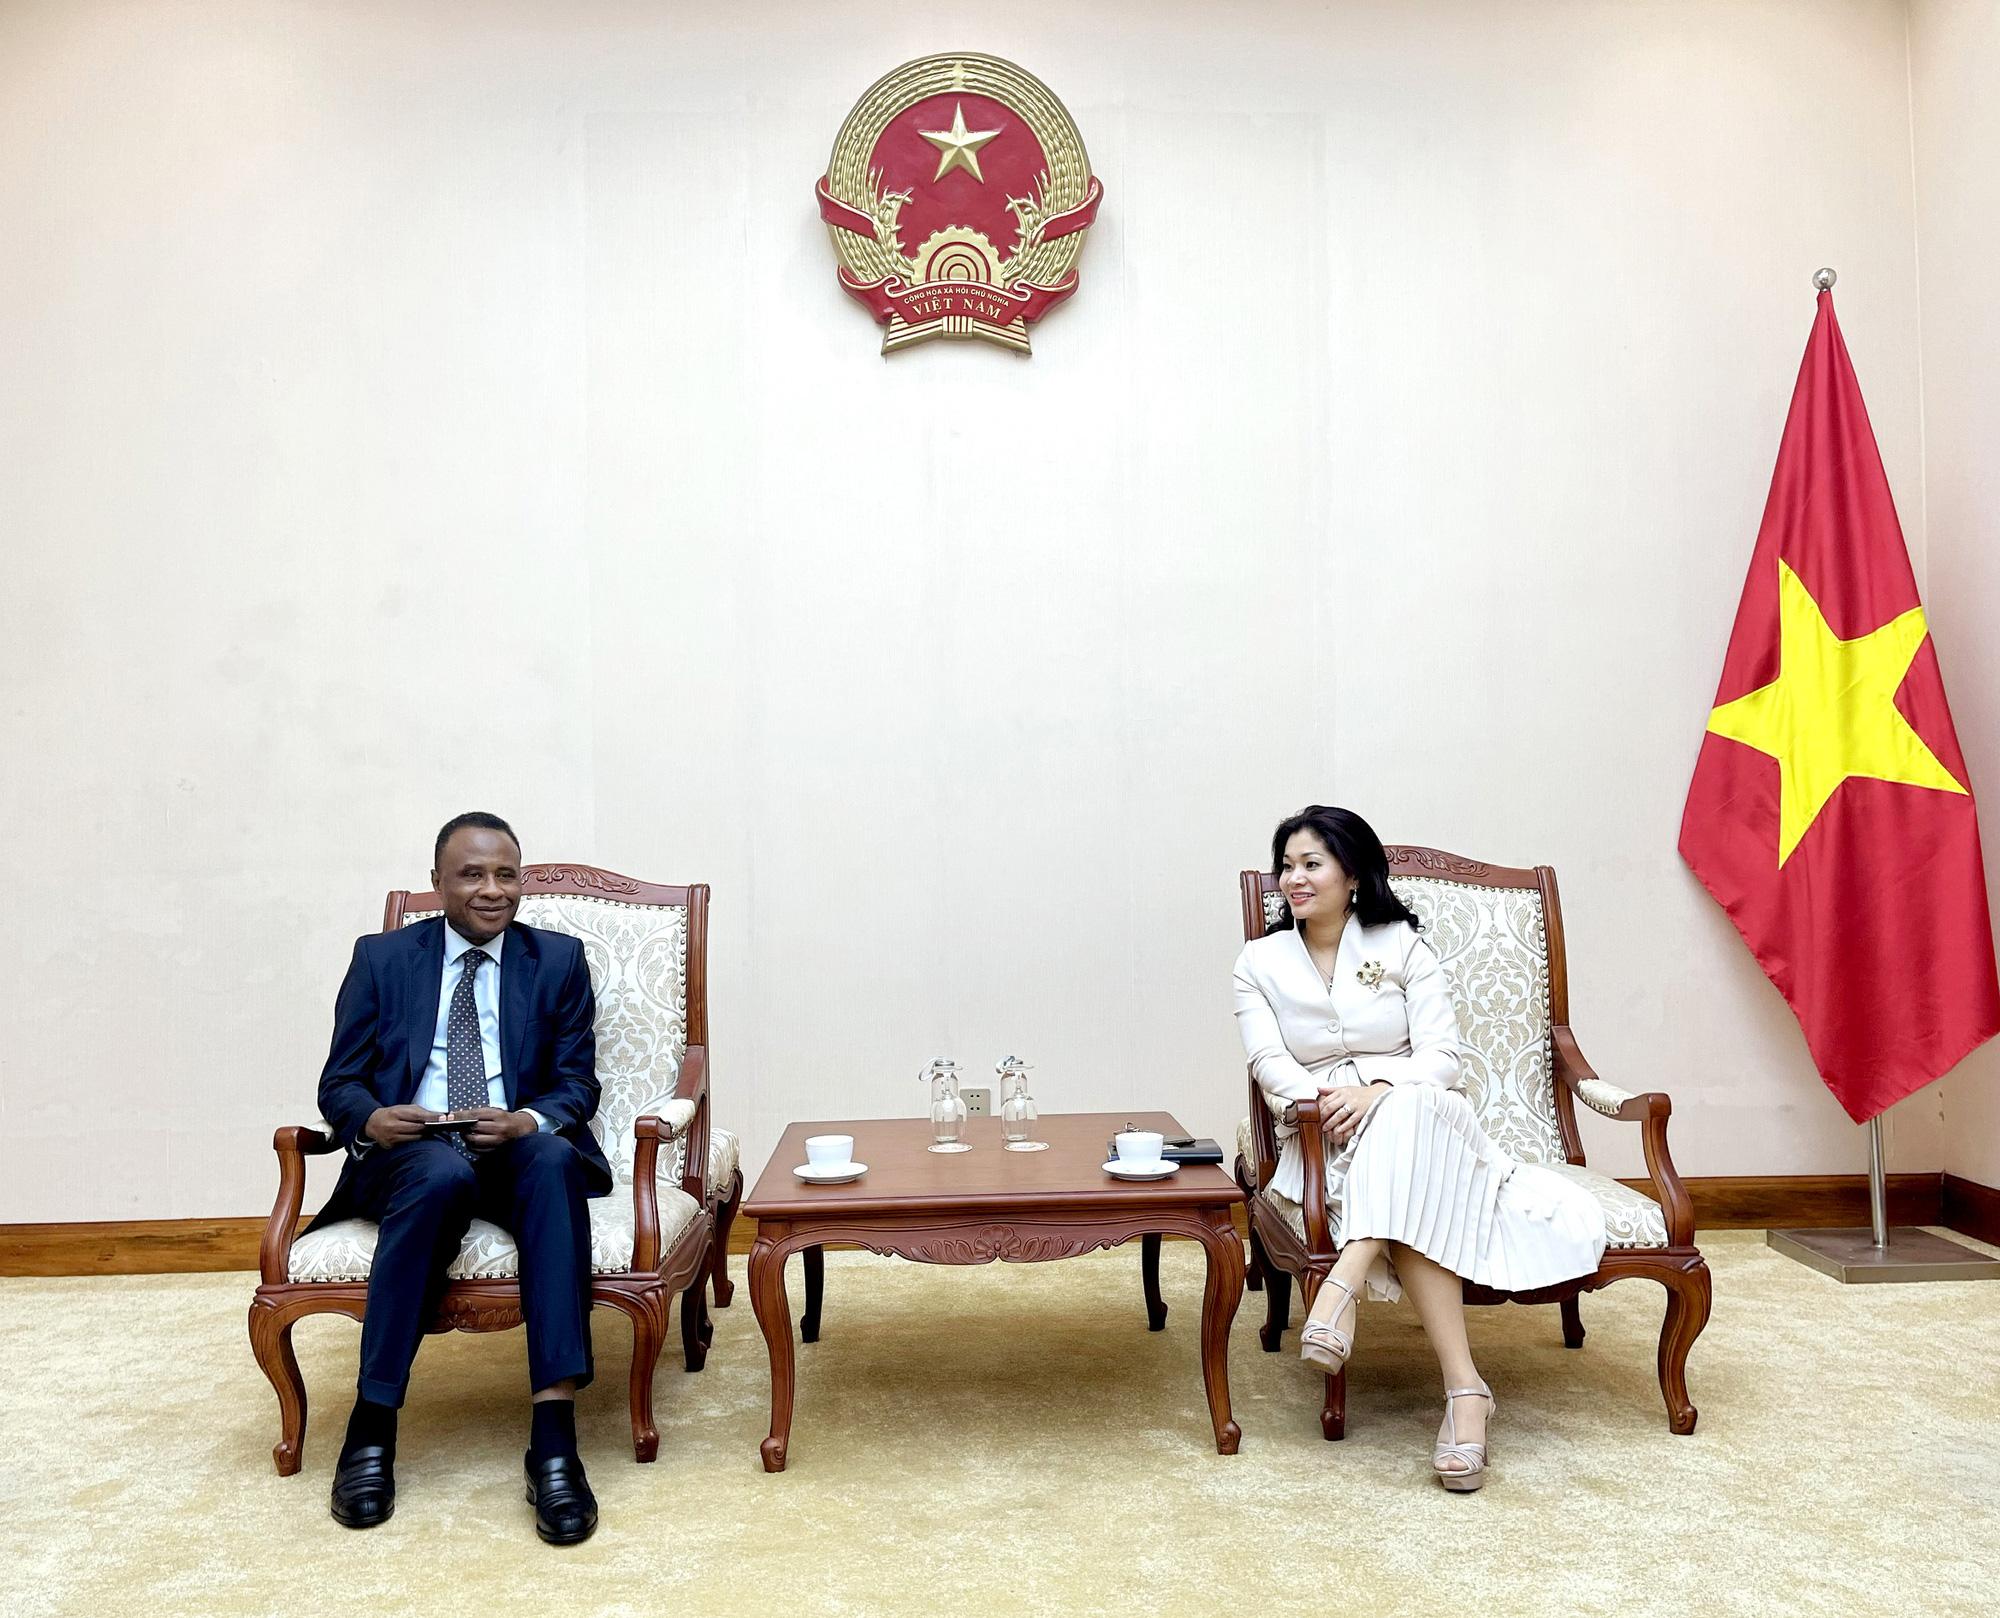 Cục trưởng Cục Hợp tác quốc tế tiếp Ông Chékou Oussouman  Trưởng đại diện tổ chức quốc tế Pháp ngữ OIF, khu vực châu Á  Thái Bình Dương tại Việt Nam - Ảnh 1.